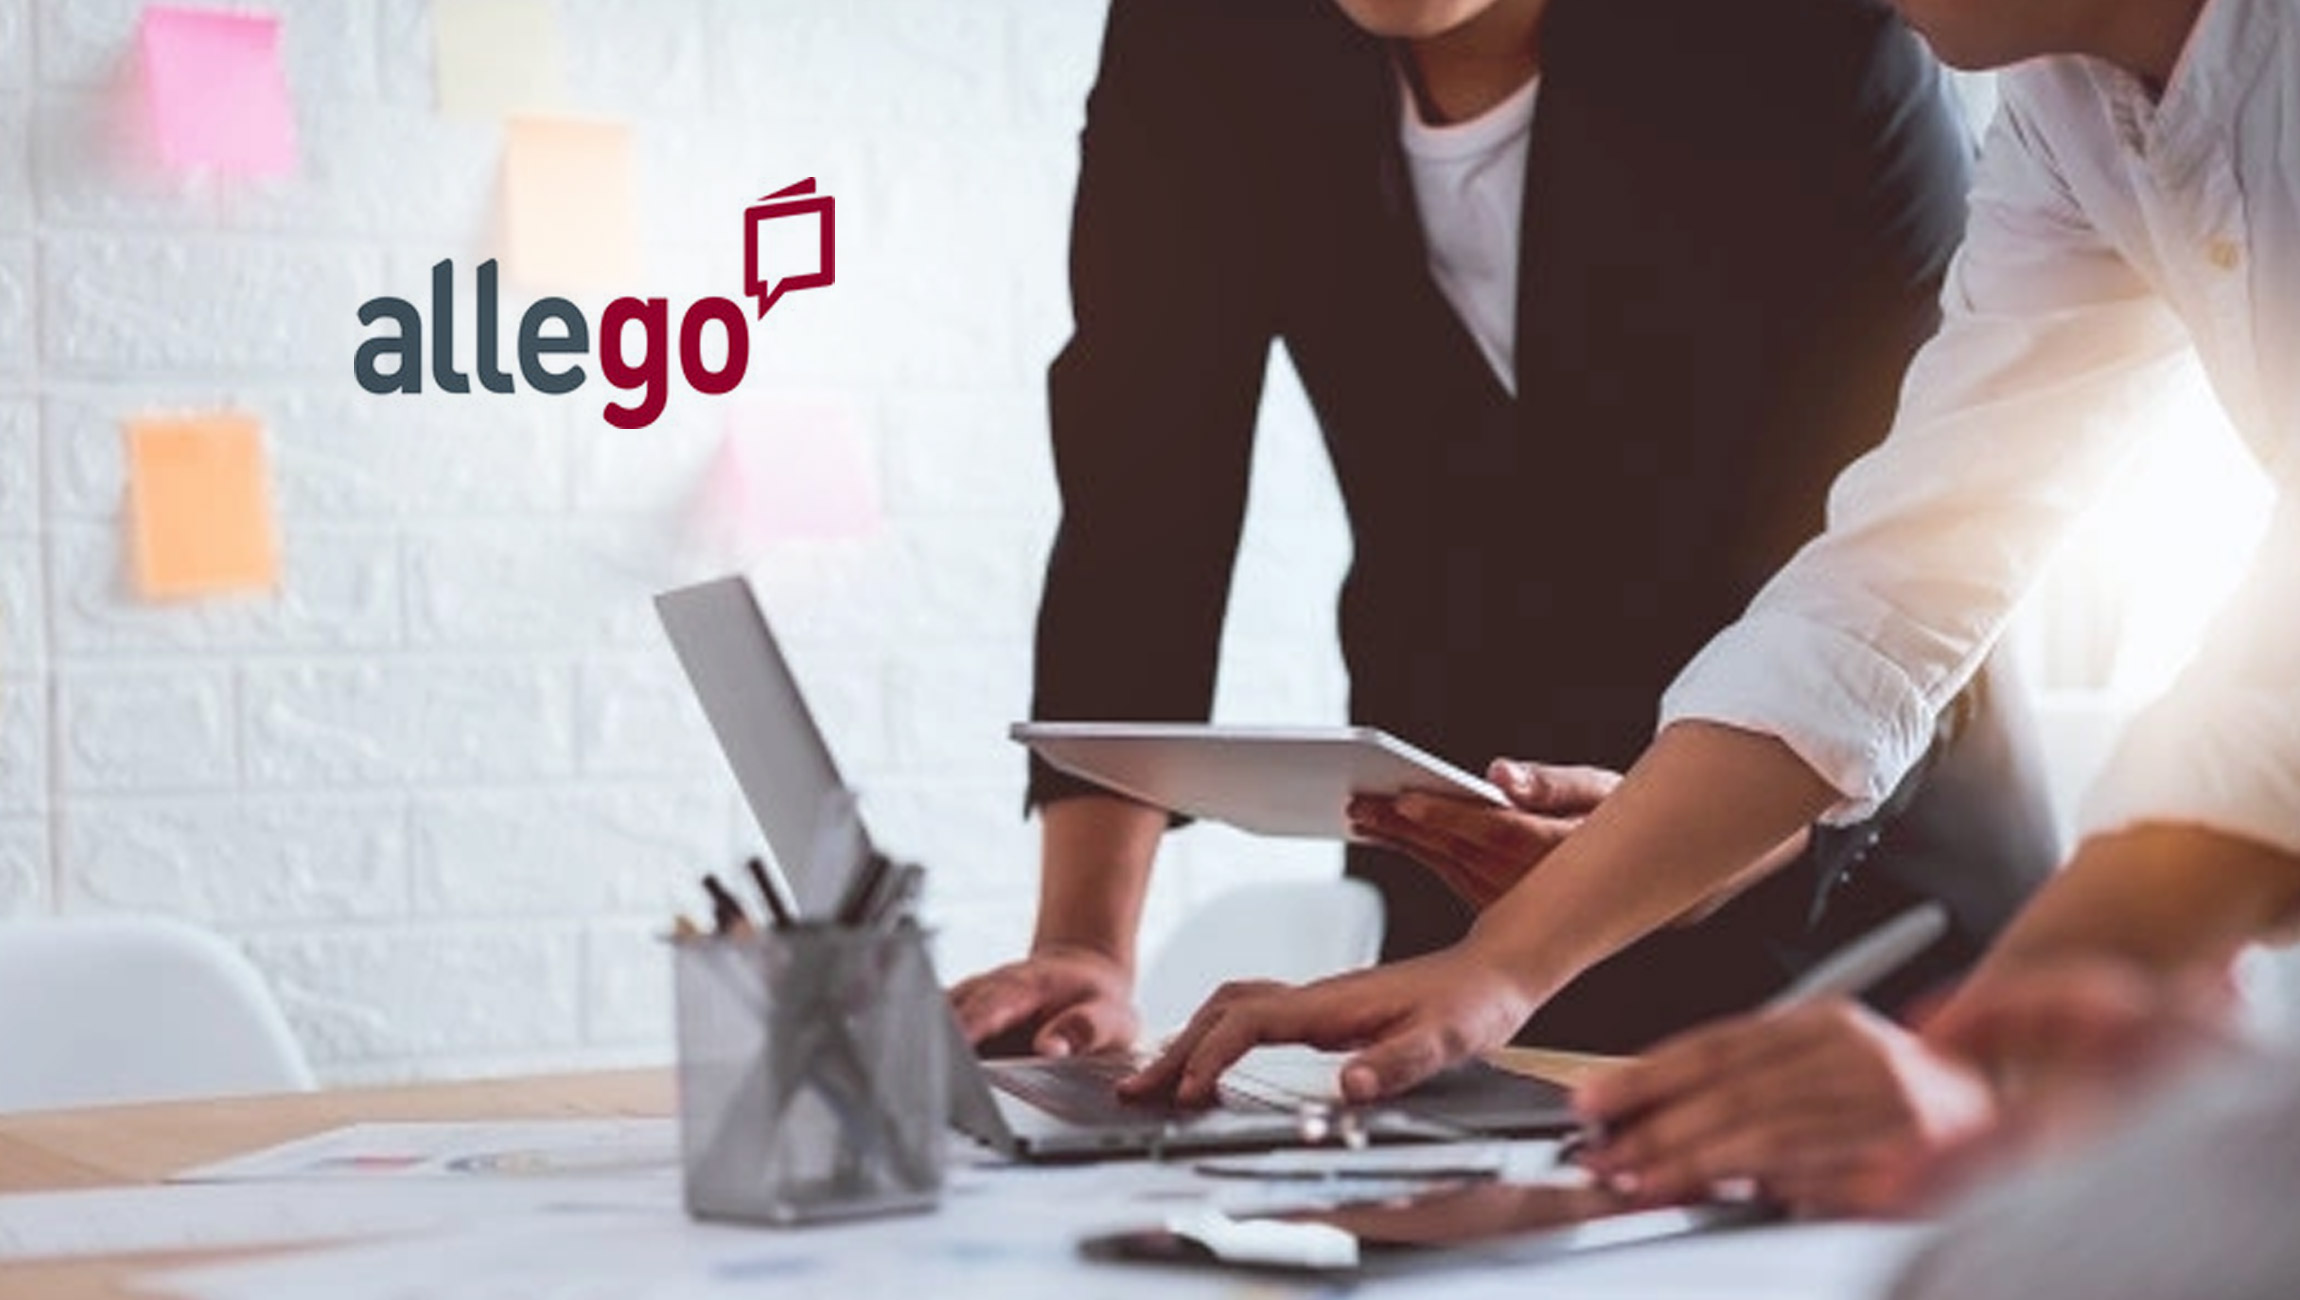 Allego Recognized in 2021 Gartner(R) Market Guide for Sales Enablement Platforms